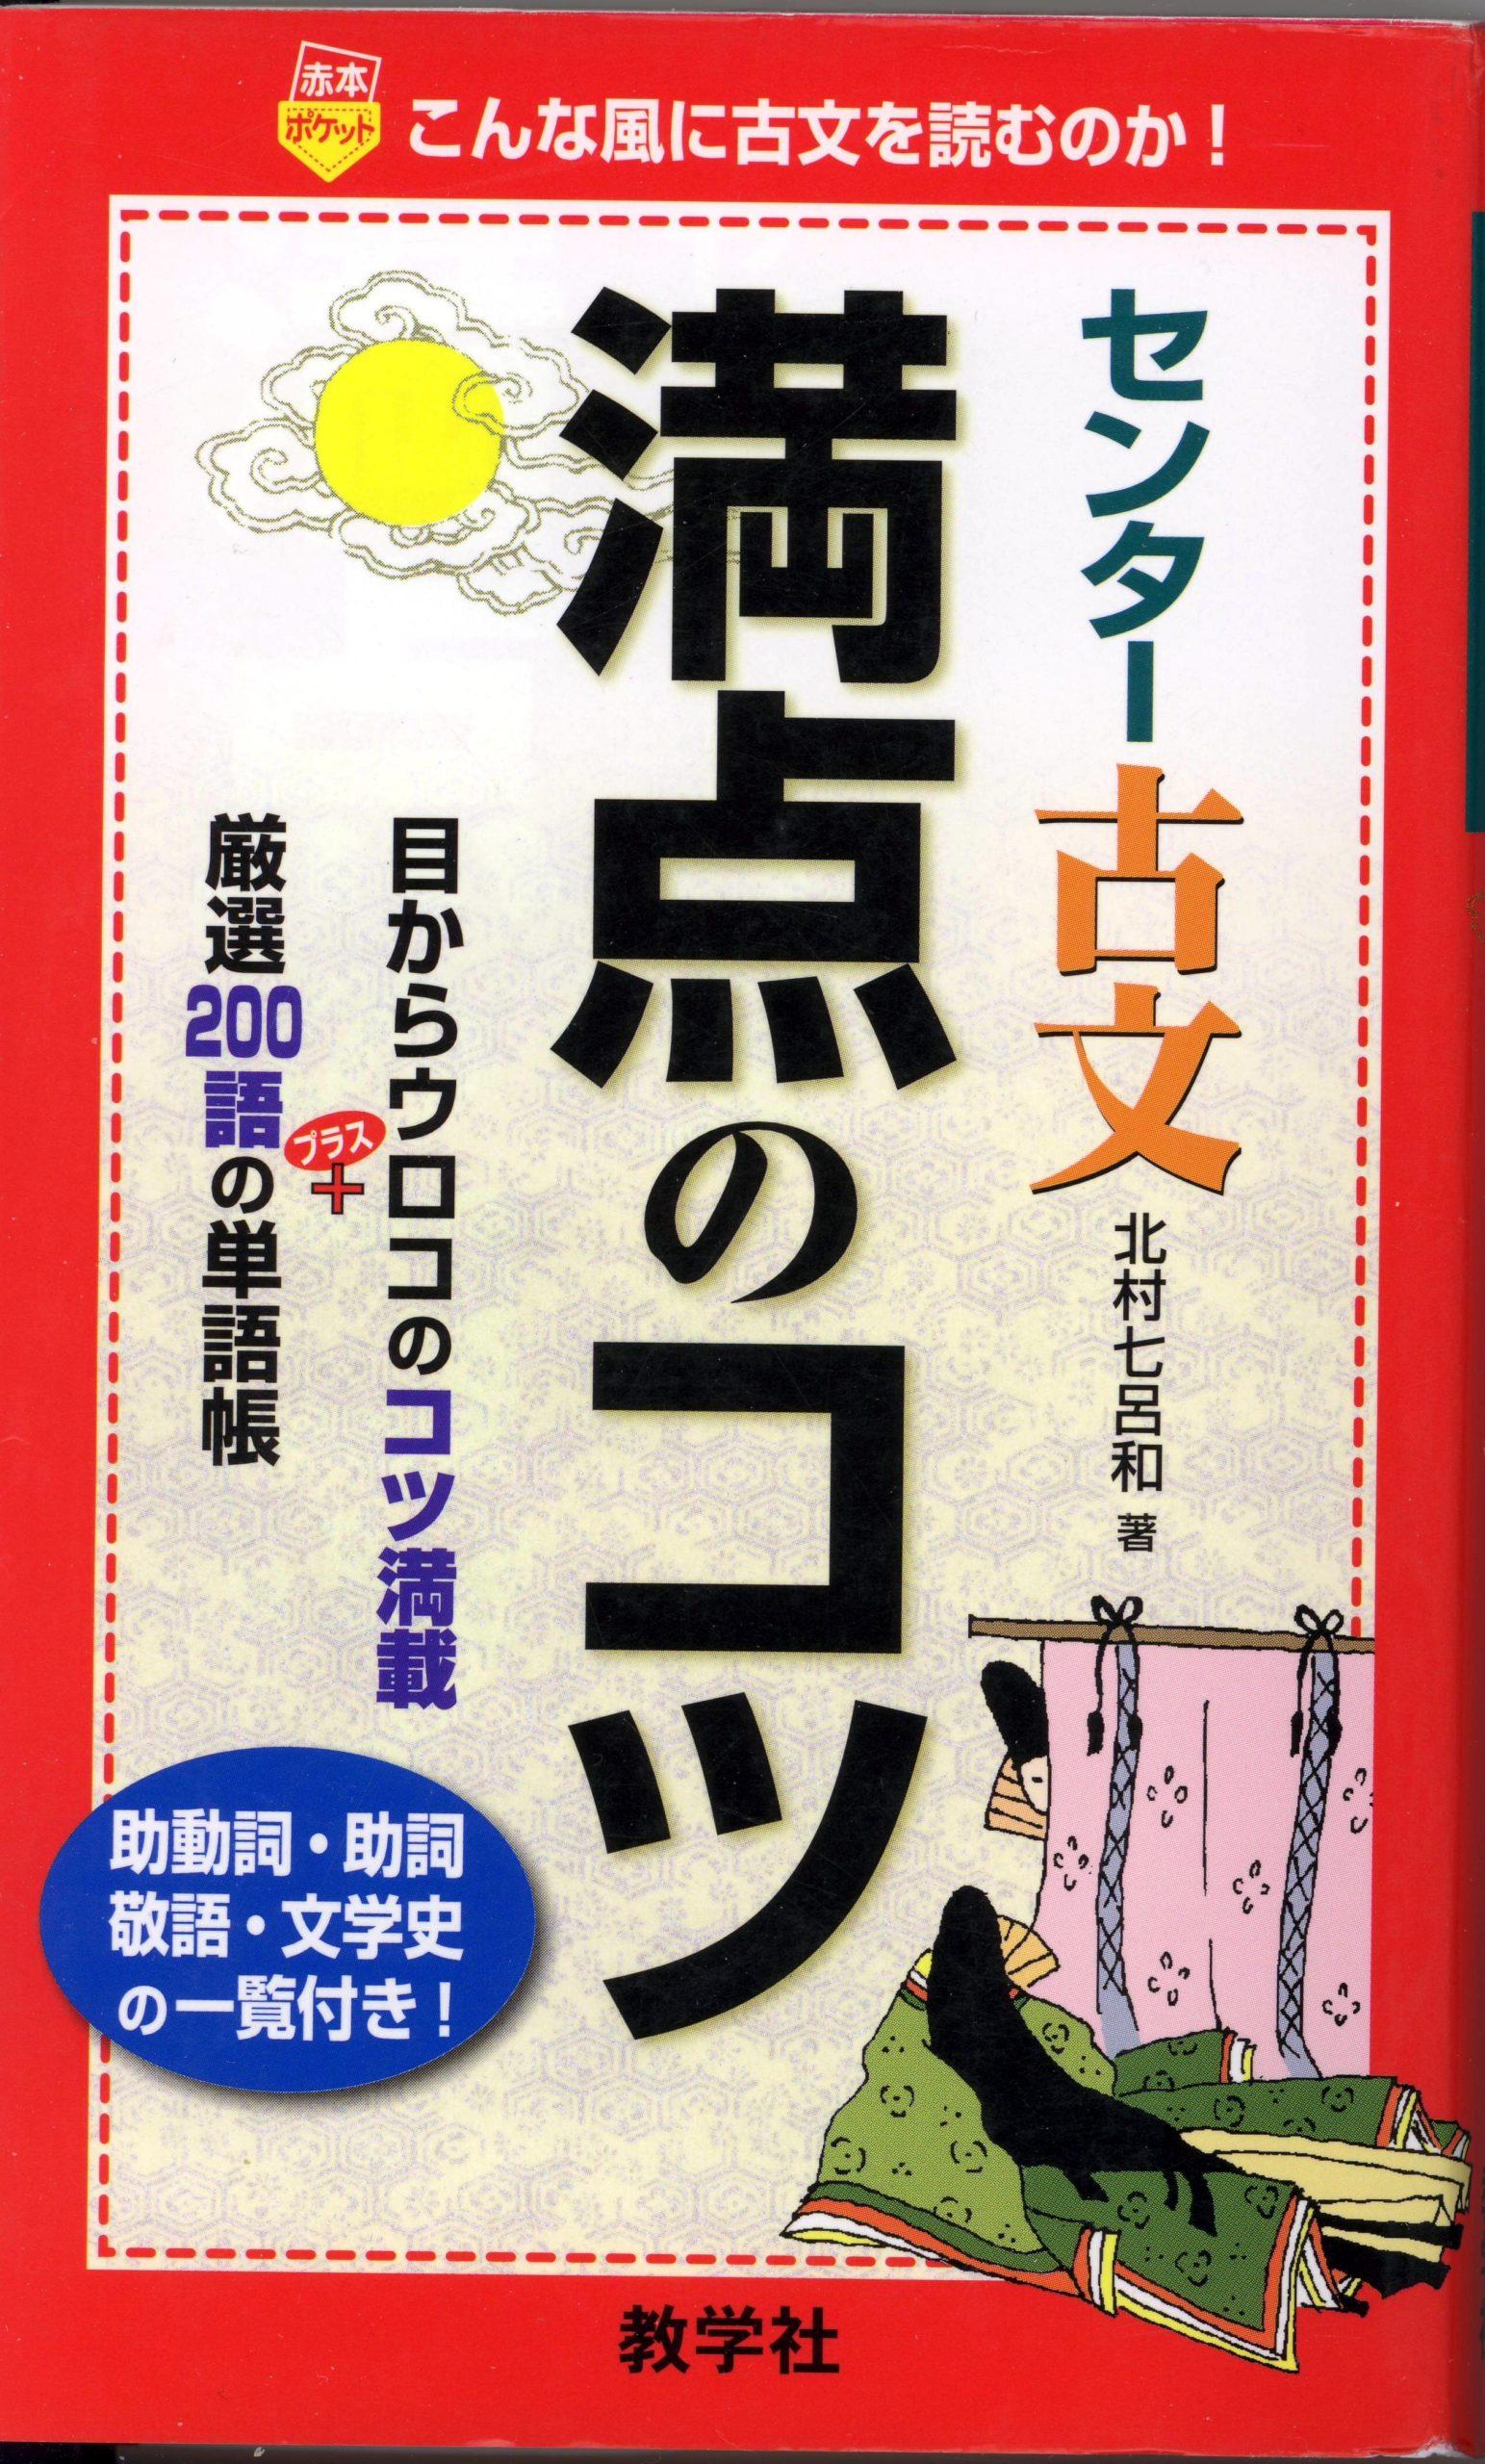 京都・大阪予備校・ミリカ予備校浪人生の部・国語